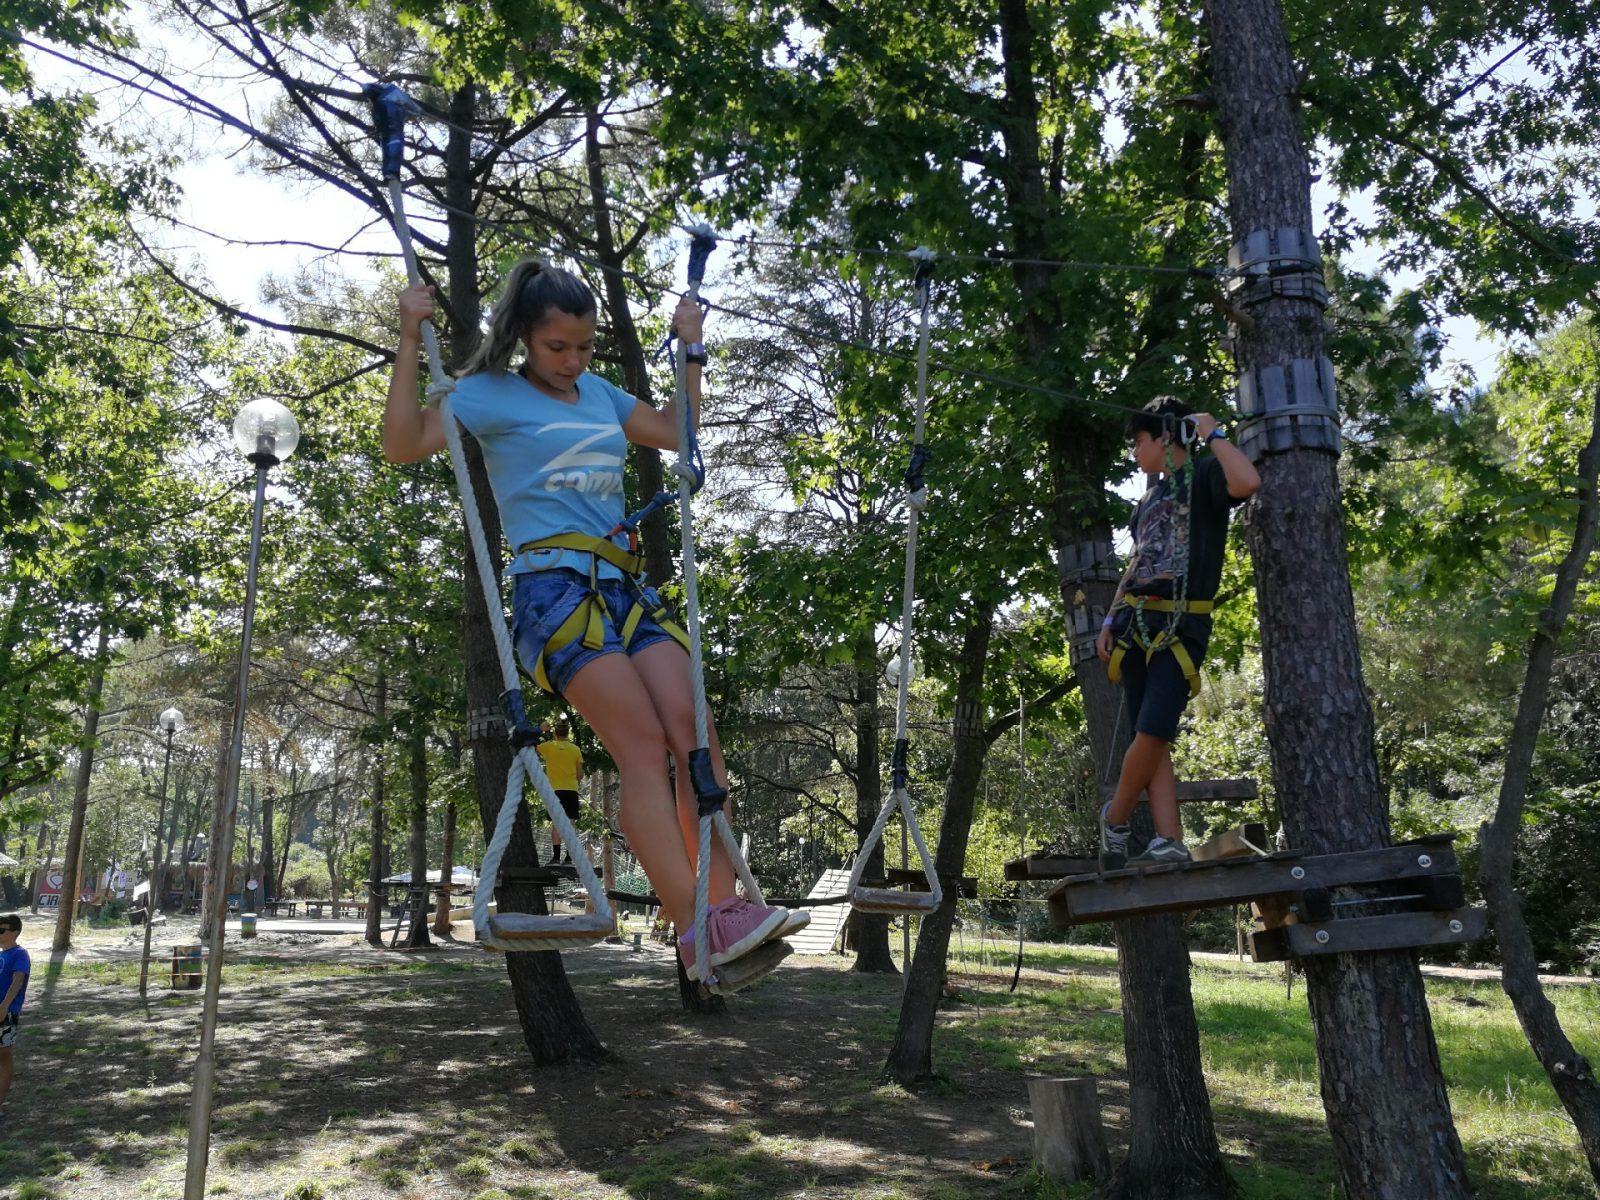 езикови ваканции на море Z кемп, Ден 36 - X-Challenge, момиче и момче, препятствие с висящи стъпала